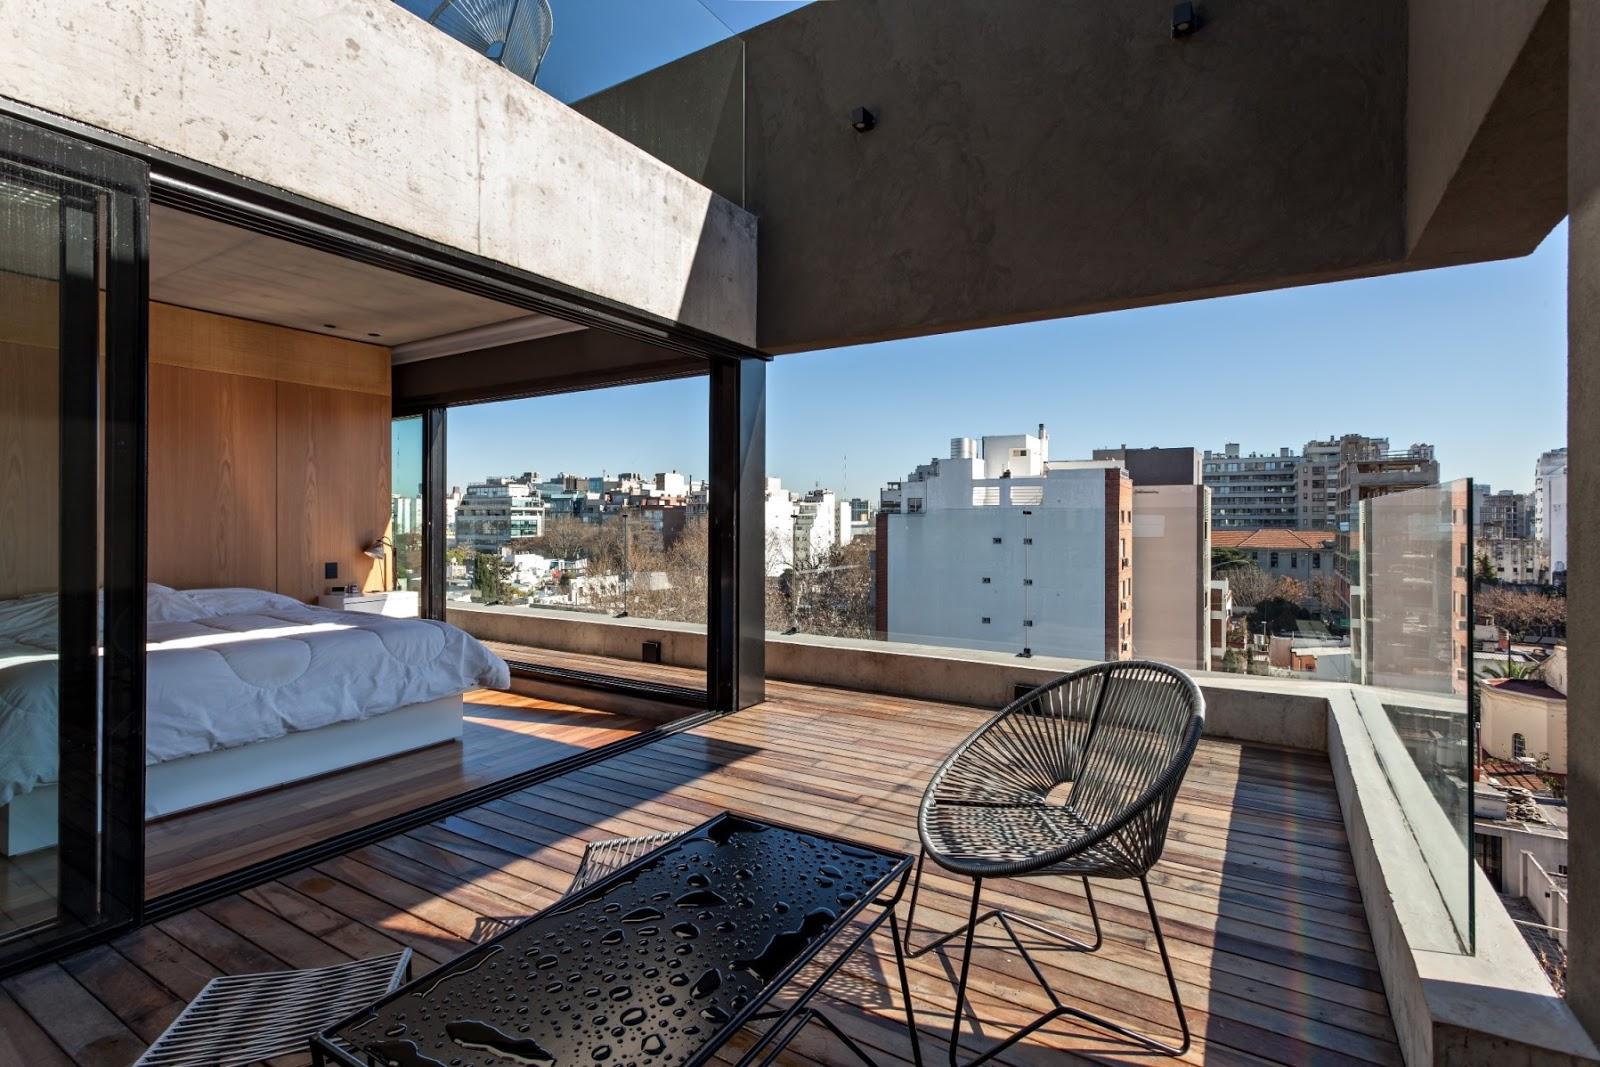 Apuntes revista digital de arquitectura edificio de for Remate de terrazas